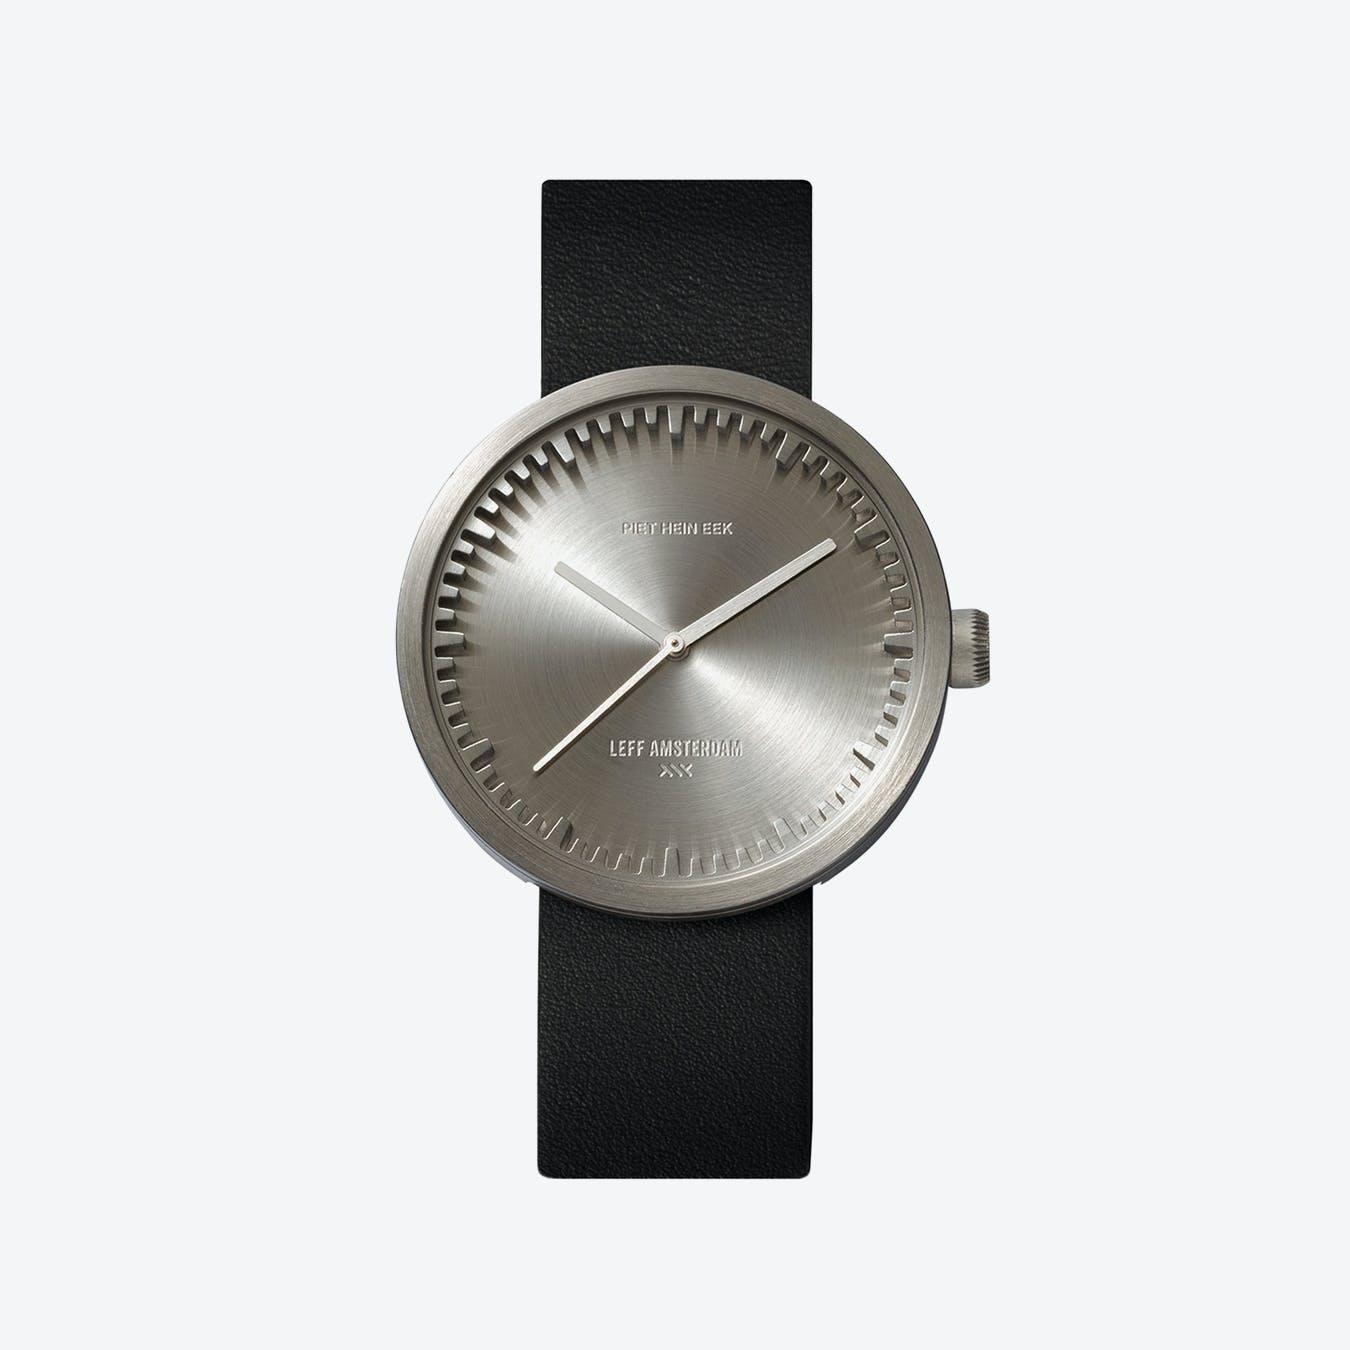 D42 Steel Tube Watch w/ Black Leather Strap